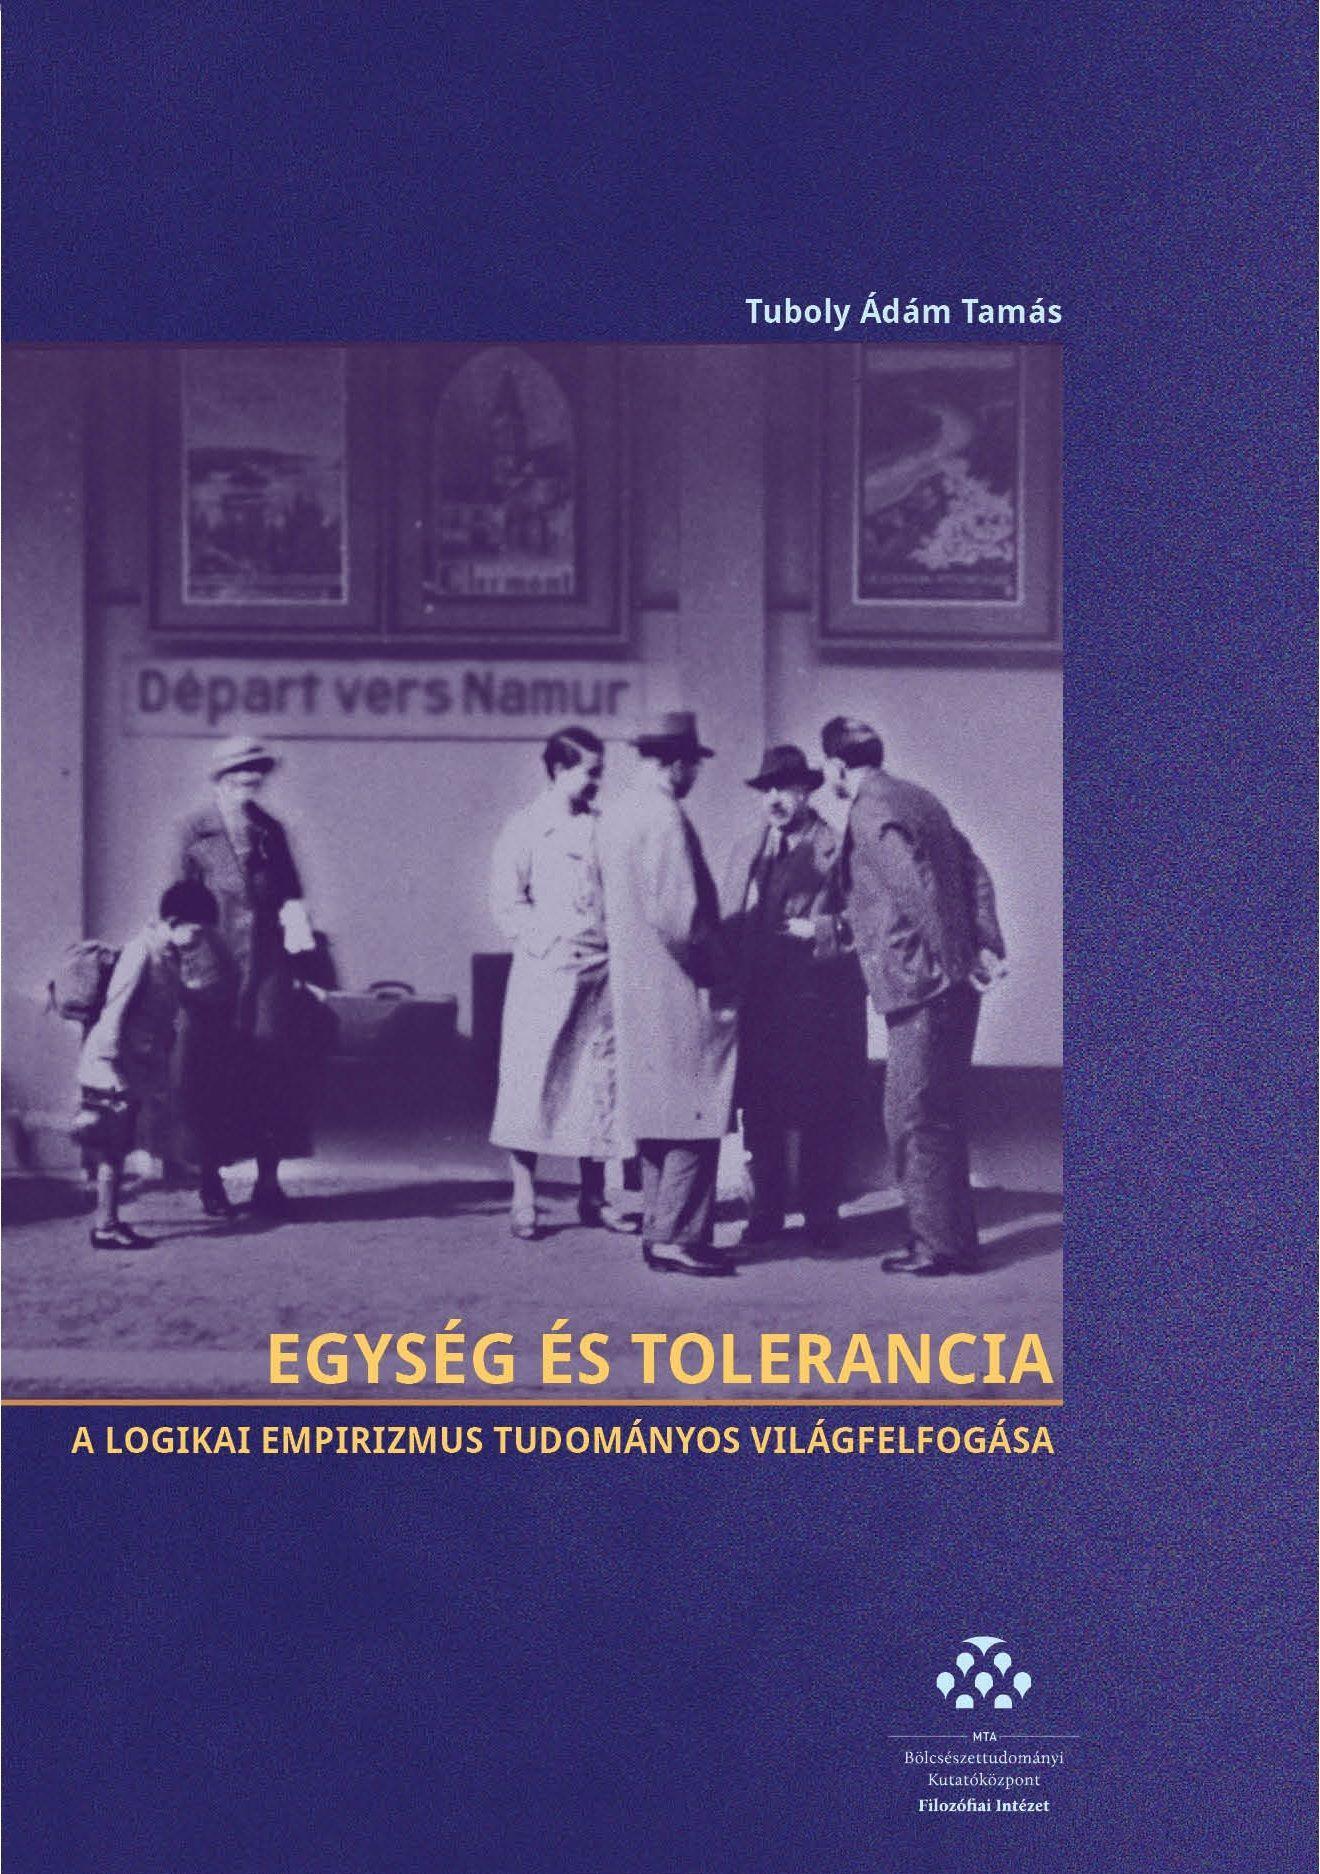 tolerancia és szállítási lehetőség